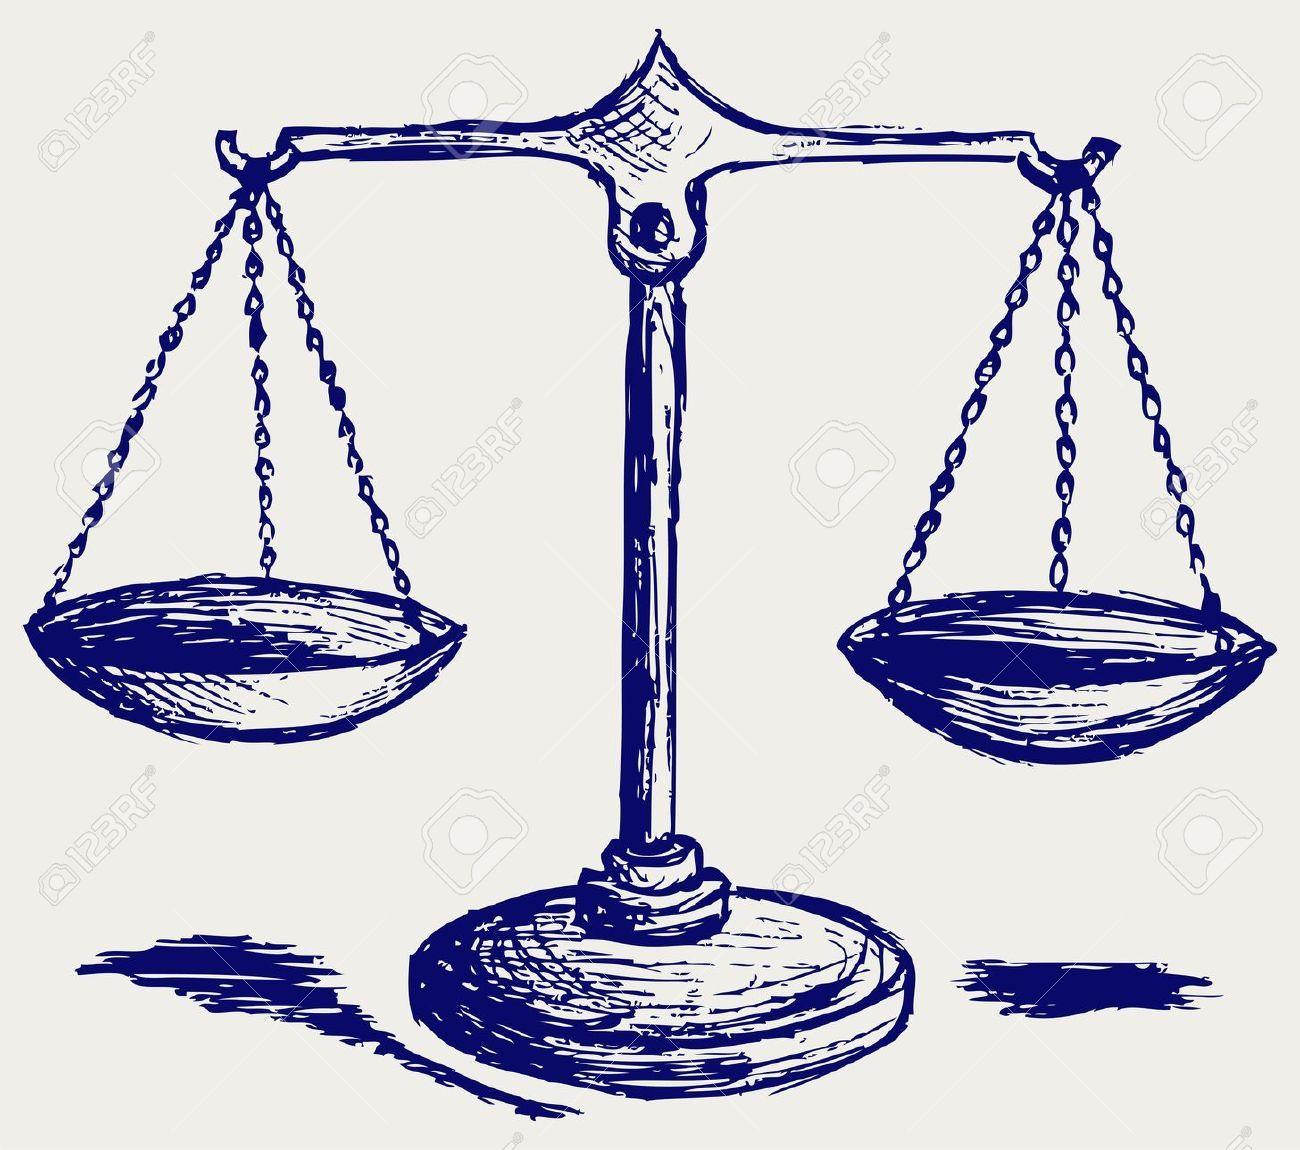 15831730scalesketchstockvectorjusticebalancescale